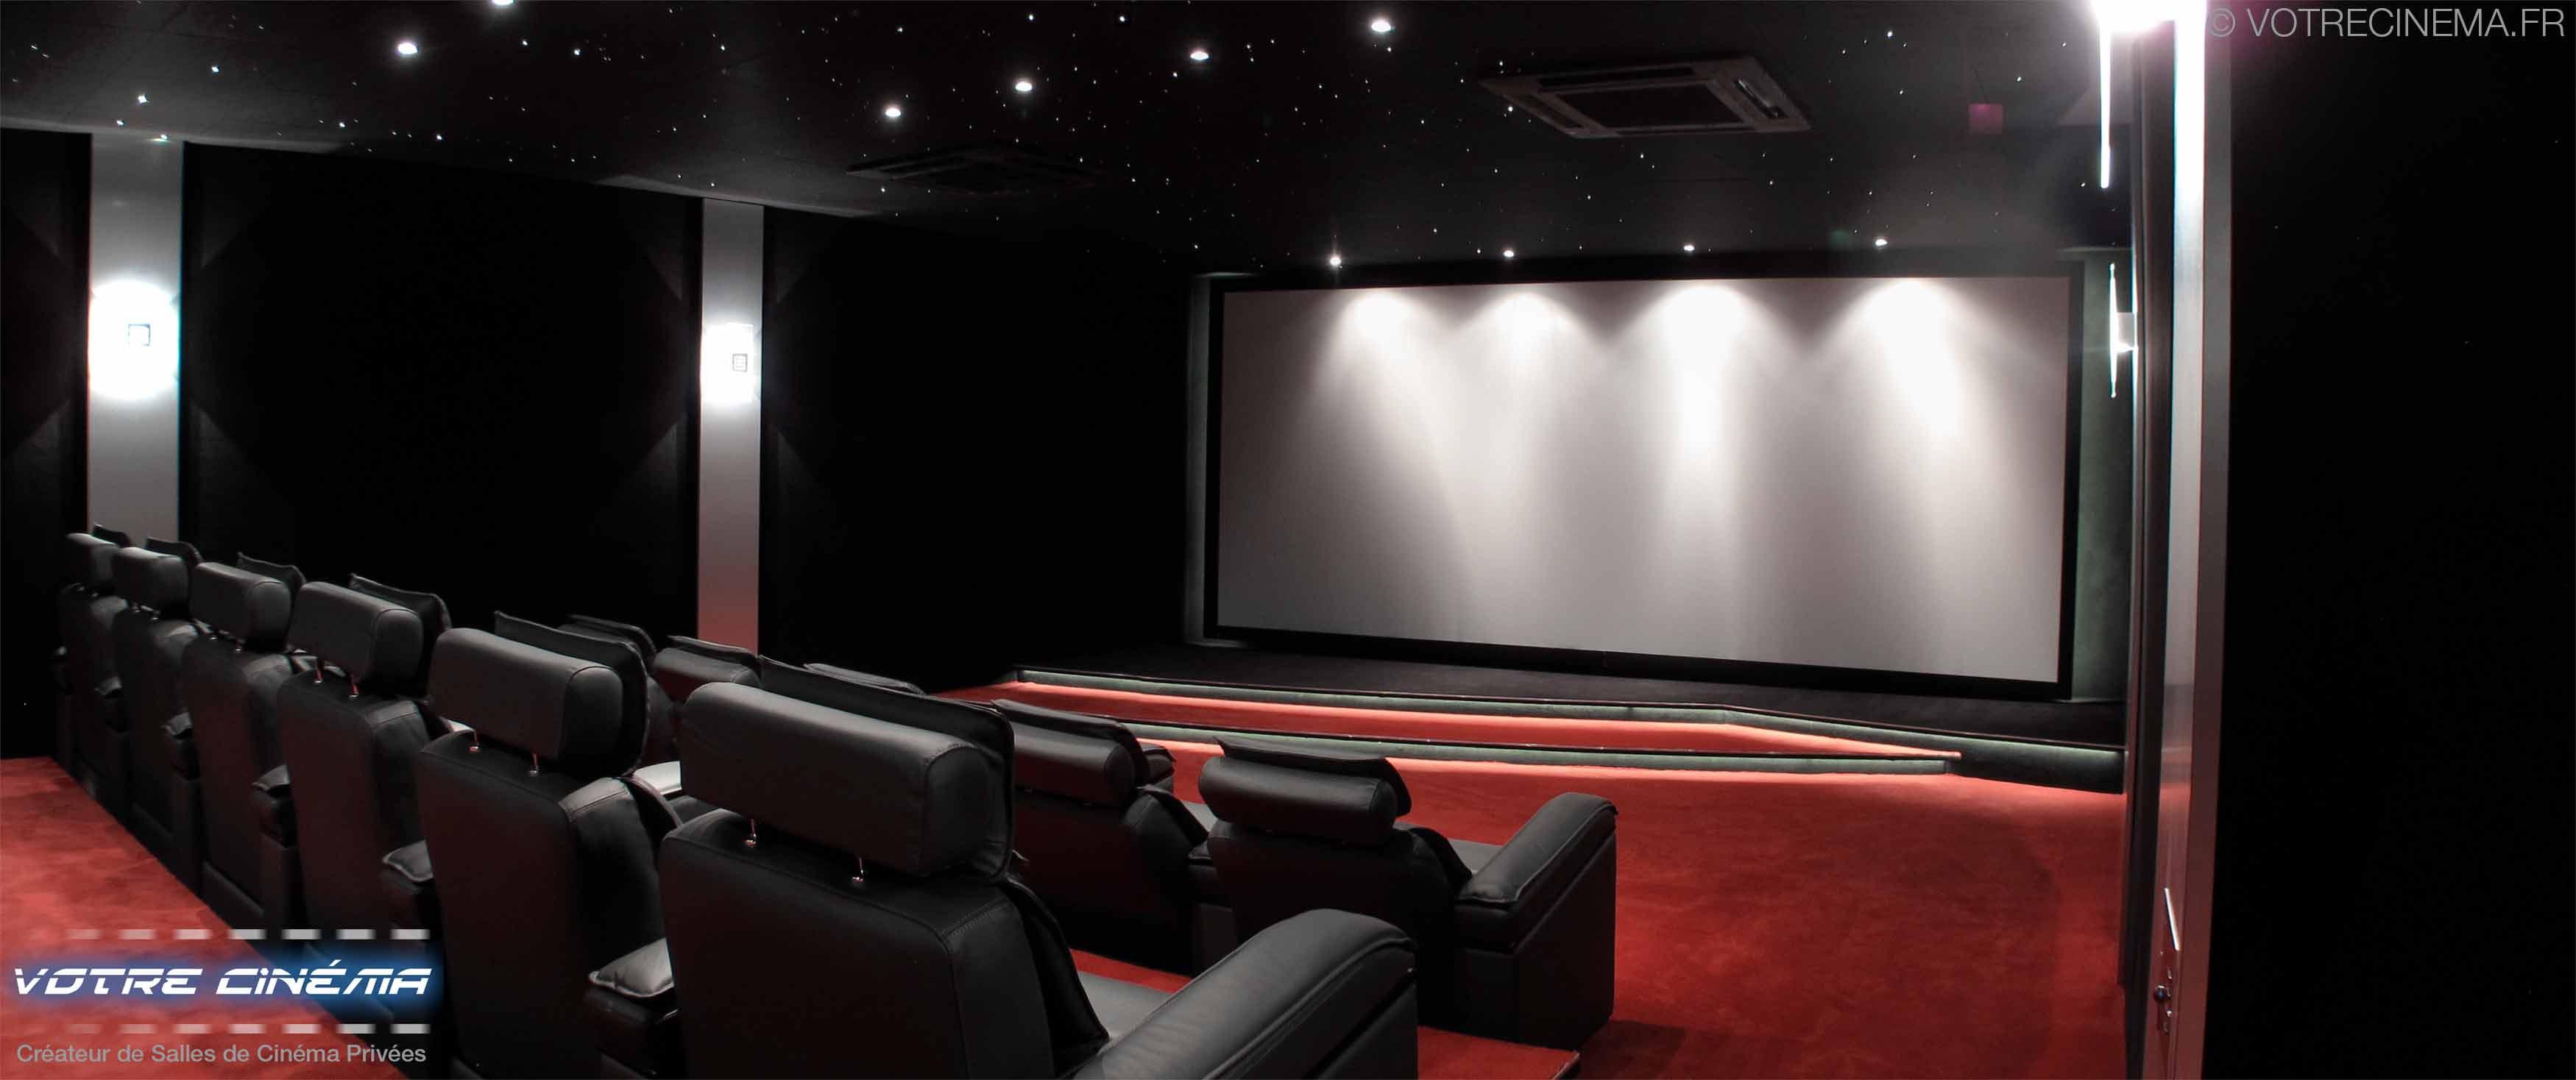 Aménagement salle home cinéma Burkina Faso